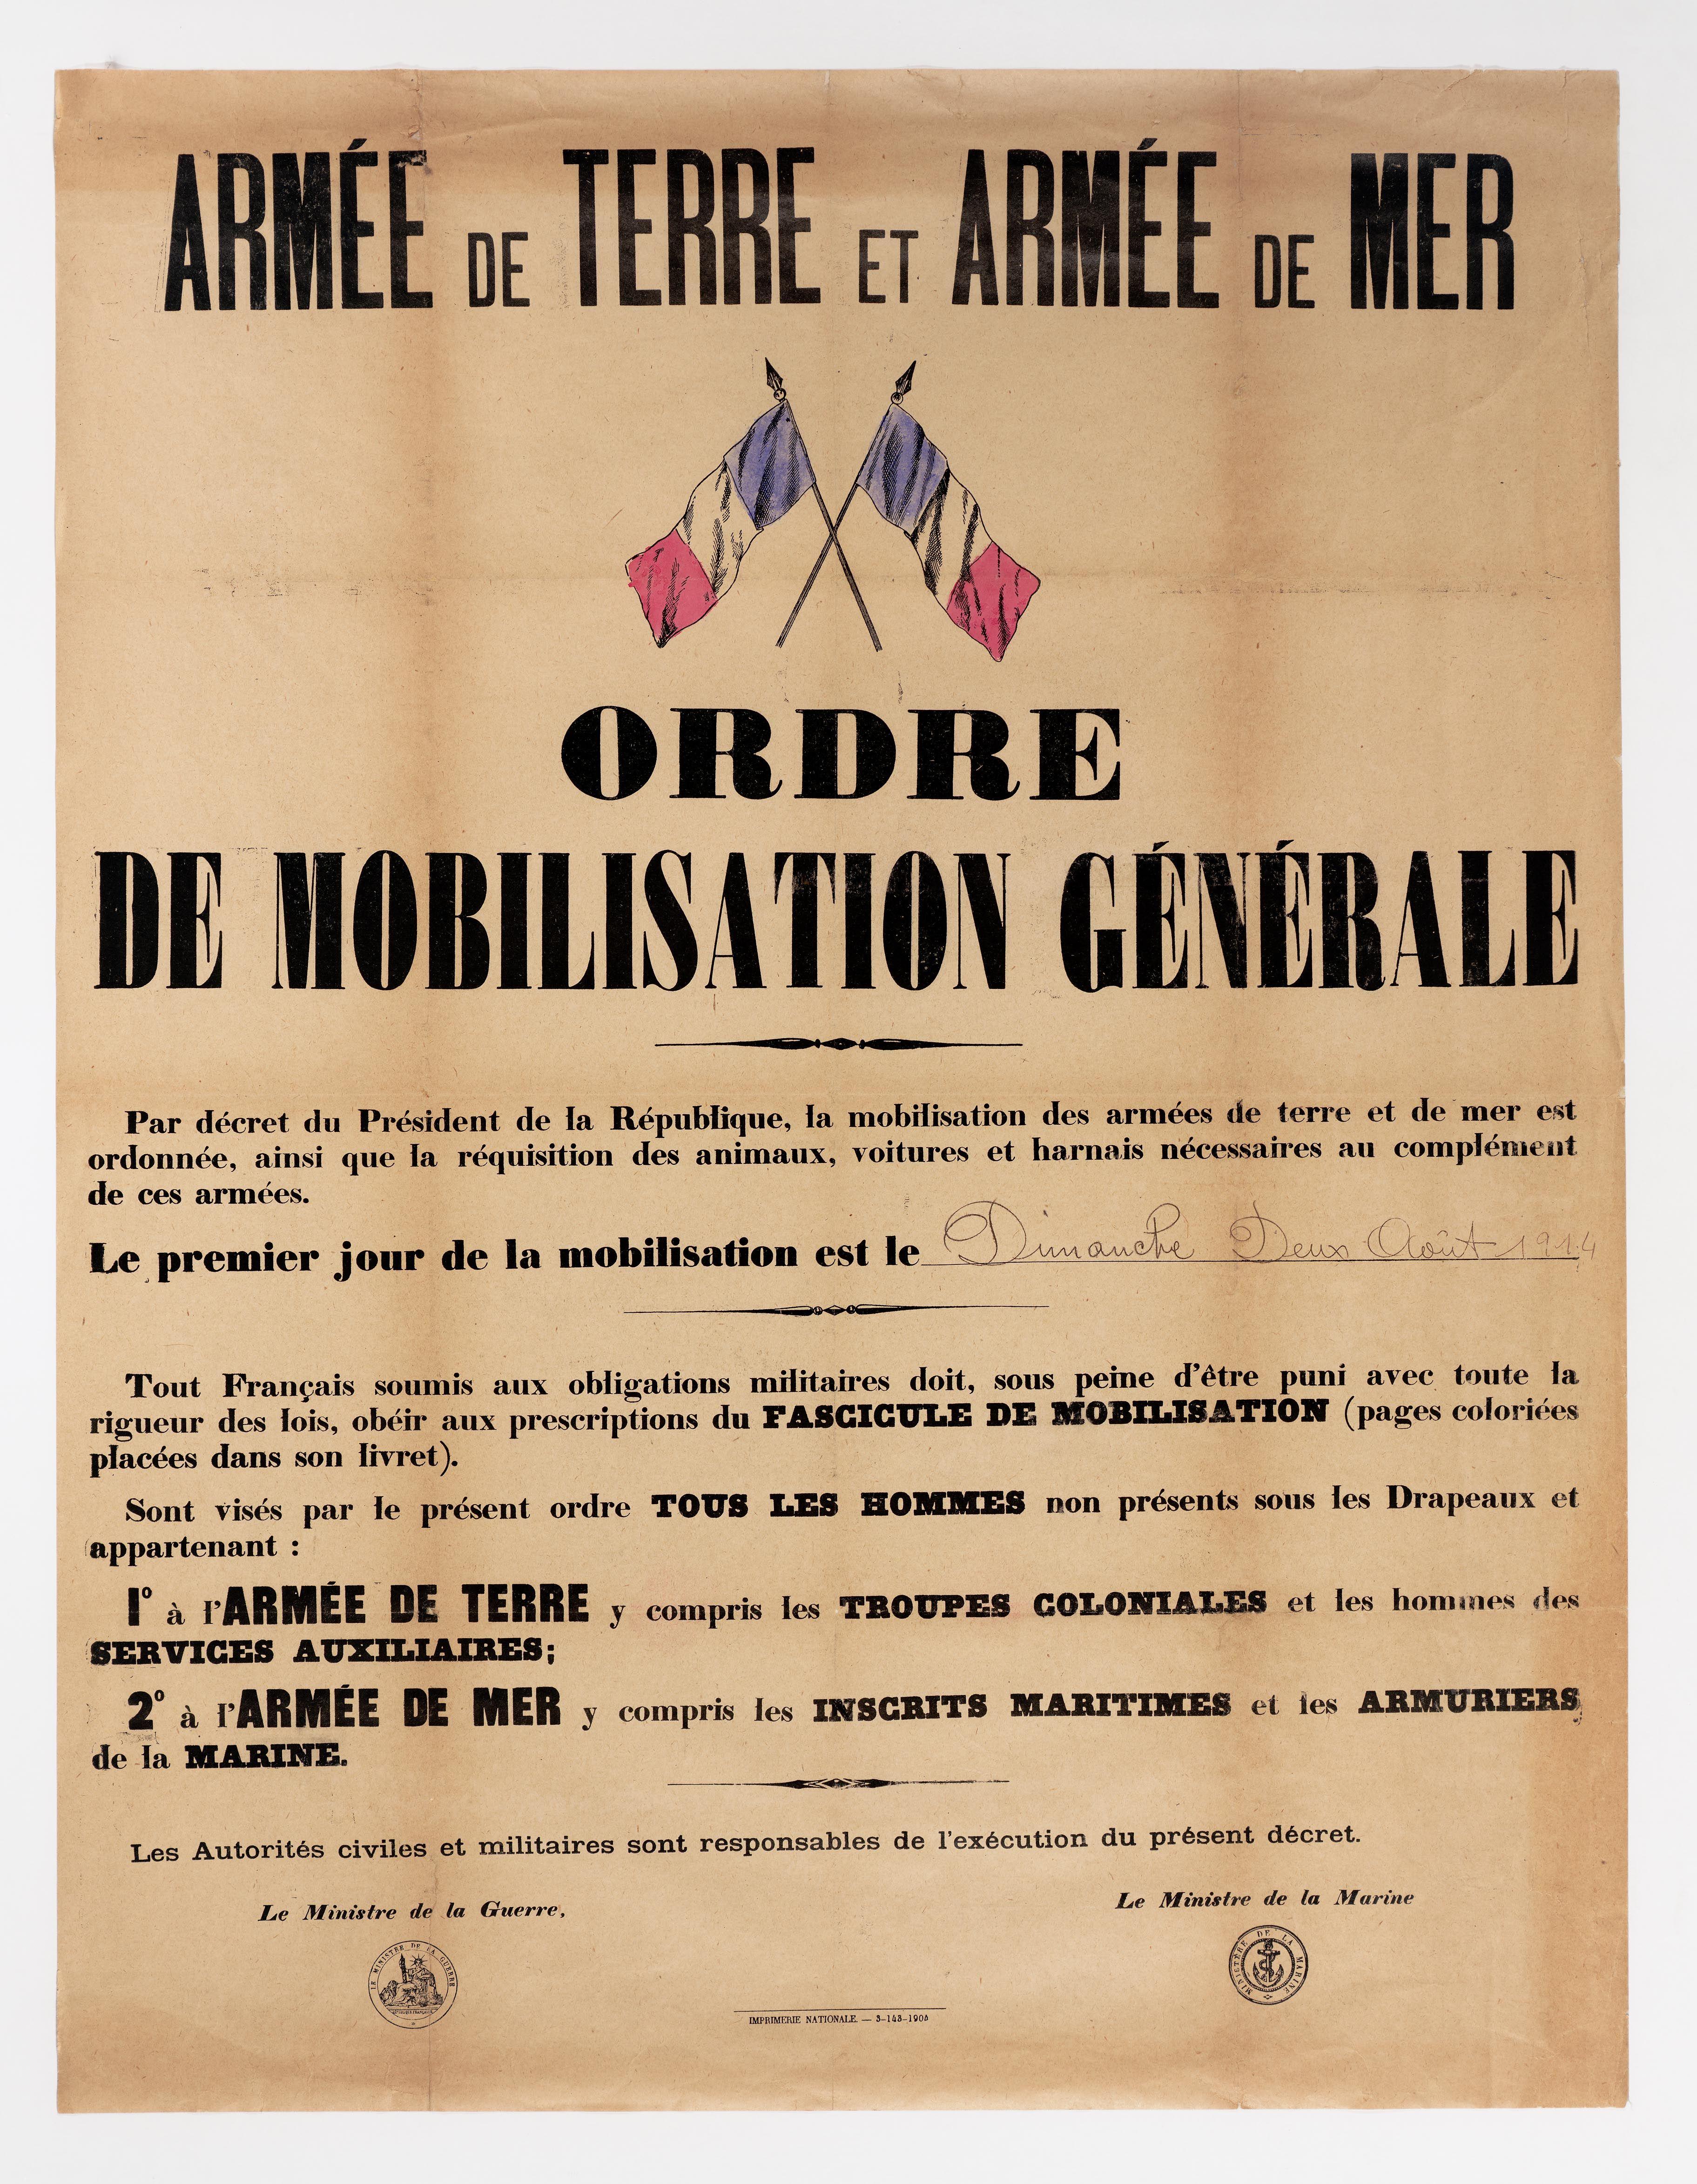 Affiche De L Ordre De Mobilisation Generale Le 2 Aout 1914 Archives Nationales Ae Ii 3598 C Archives Natio La Grande Guerre Armee De Mer Histoire Familiale